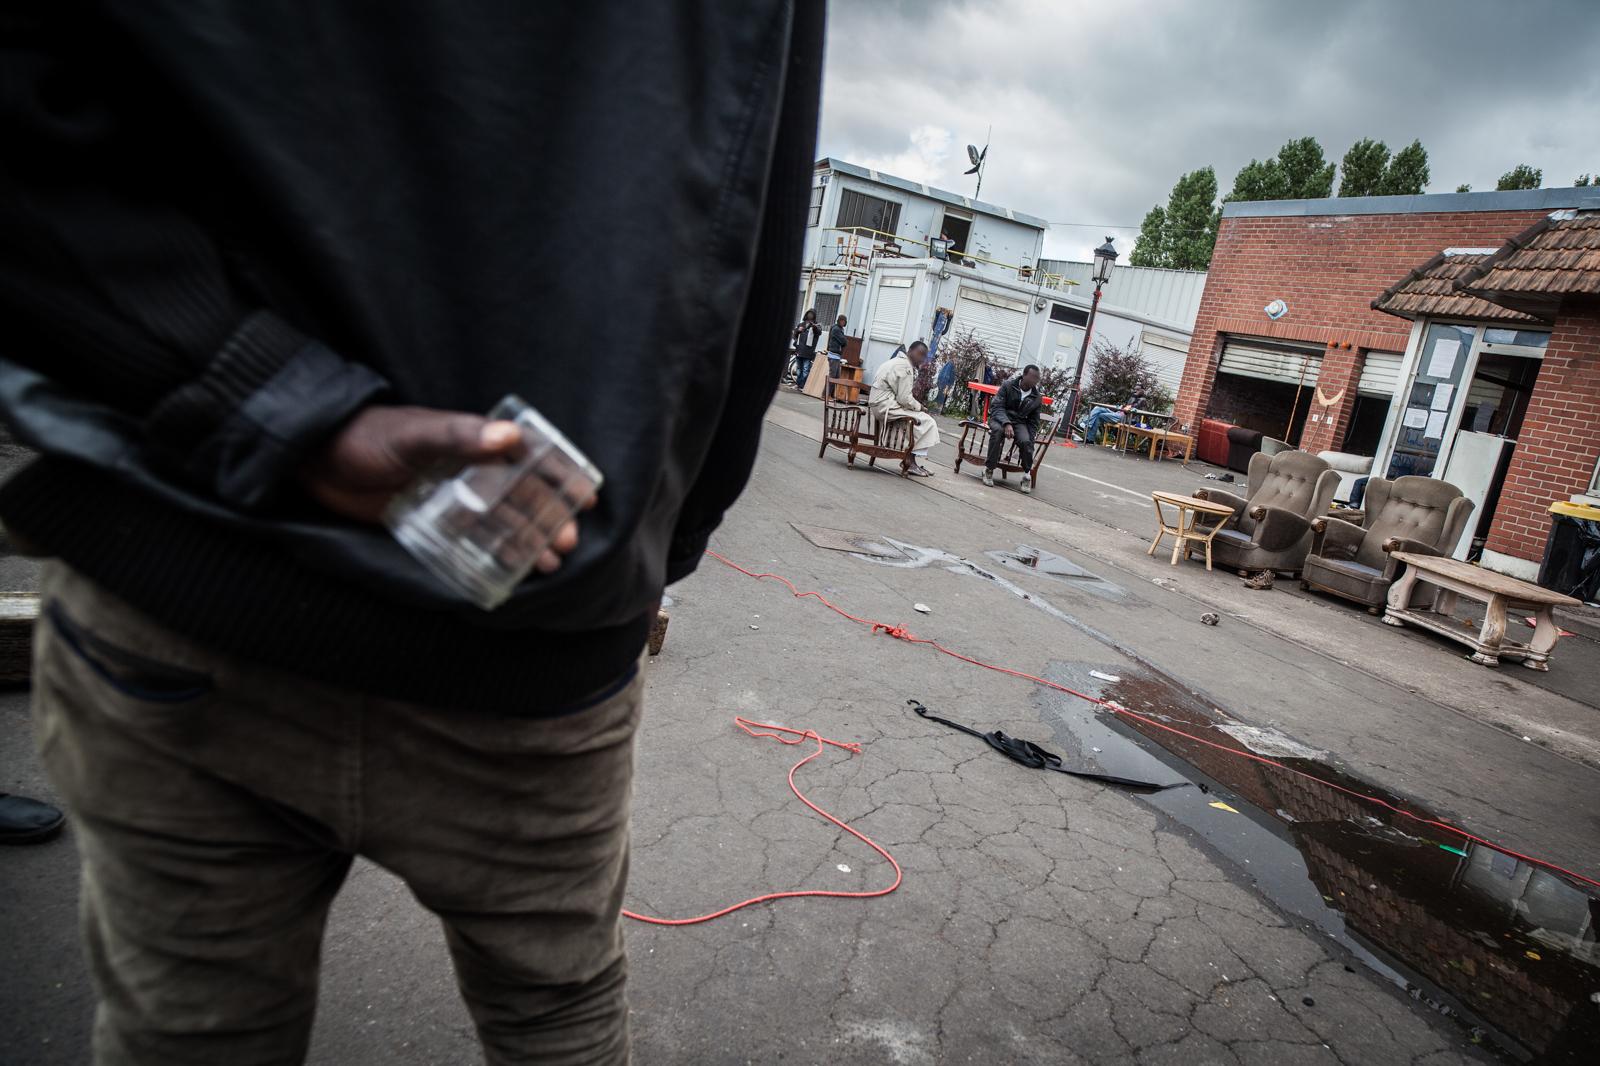 Reportage à Calais en août et septembre 2014 sur la situation des migrants à Calais, alors qu'aucun centre d'accueil n'était construit. Publié dans L'Humanité et La Vie.